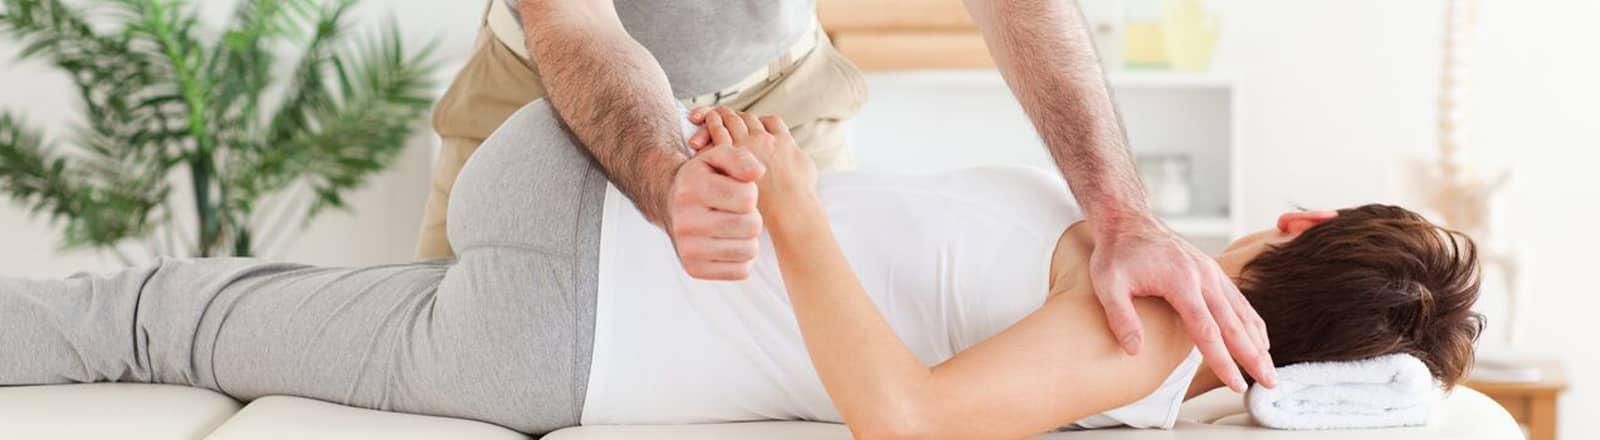 osteopatia craneo sacral